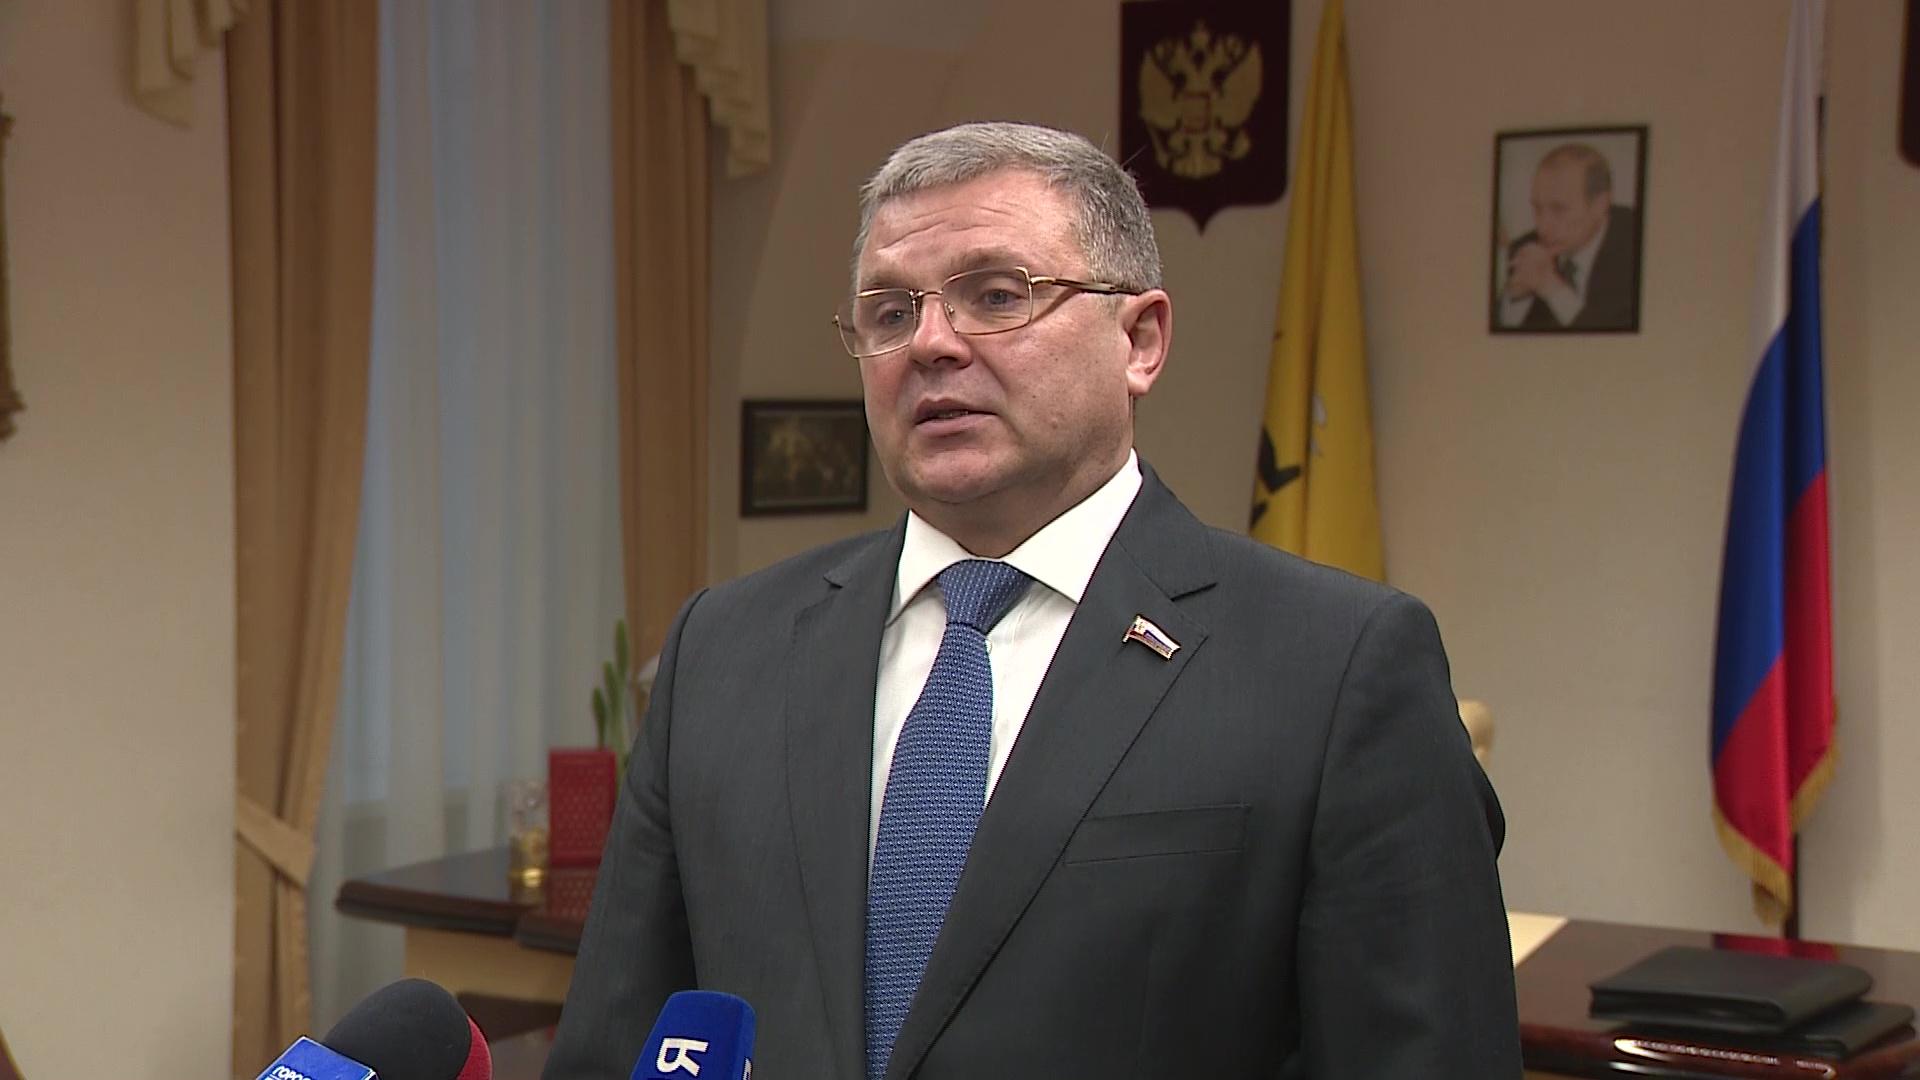 Алексей Константинов: «Послание президента Федеральному собранию – это те установки, с которыми страна будет двигаться дальше»